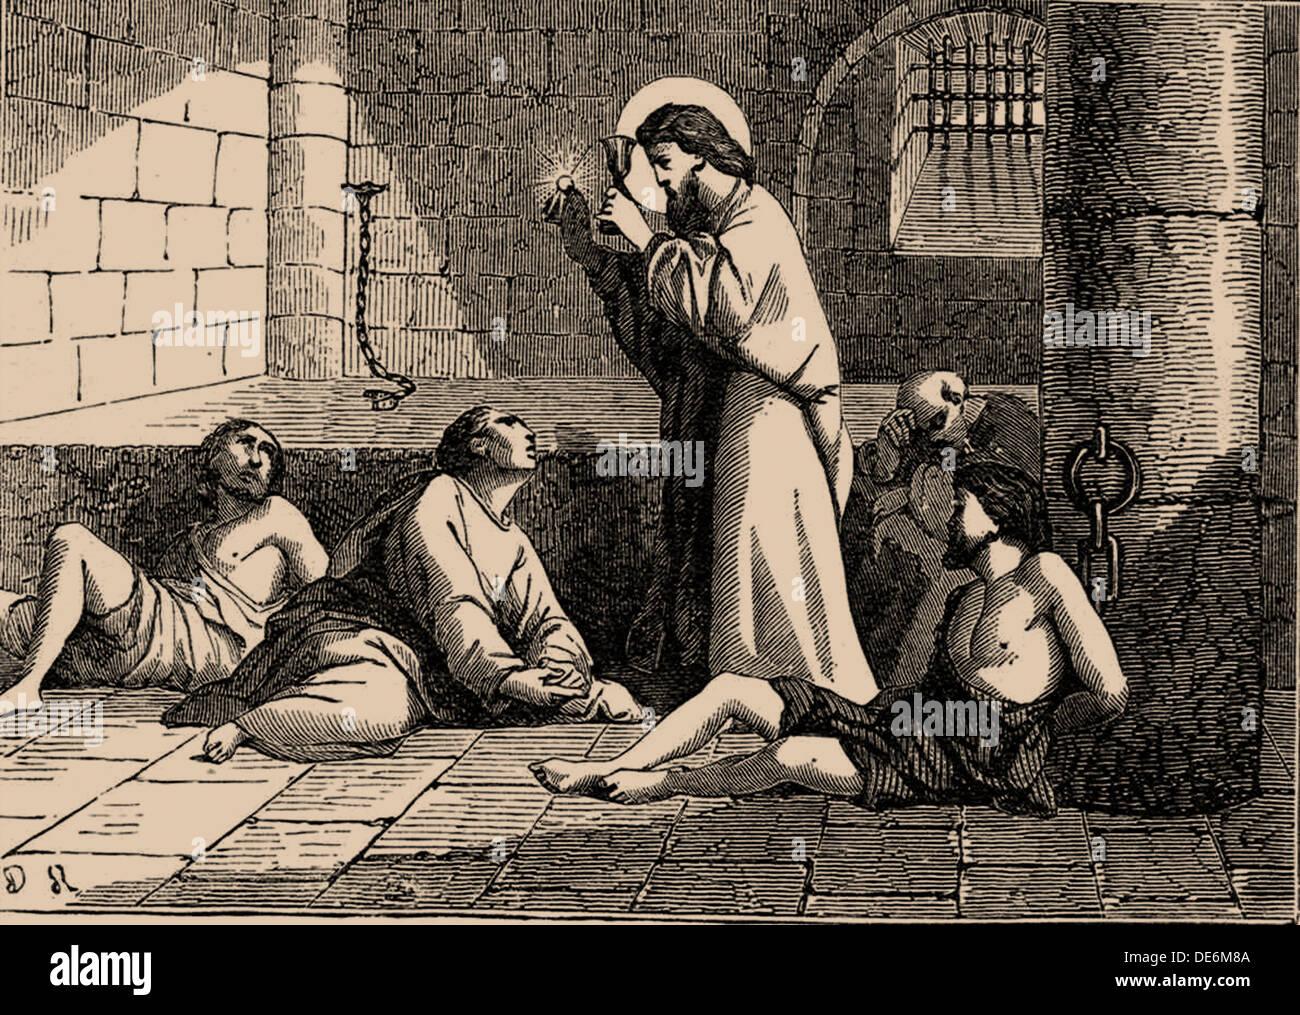 Sankt Valentin, 19. Jahrhundert. Künstler: anonym Stockbild